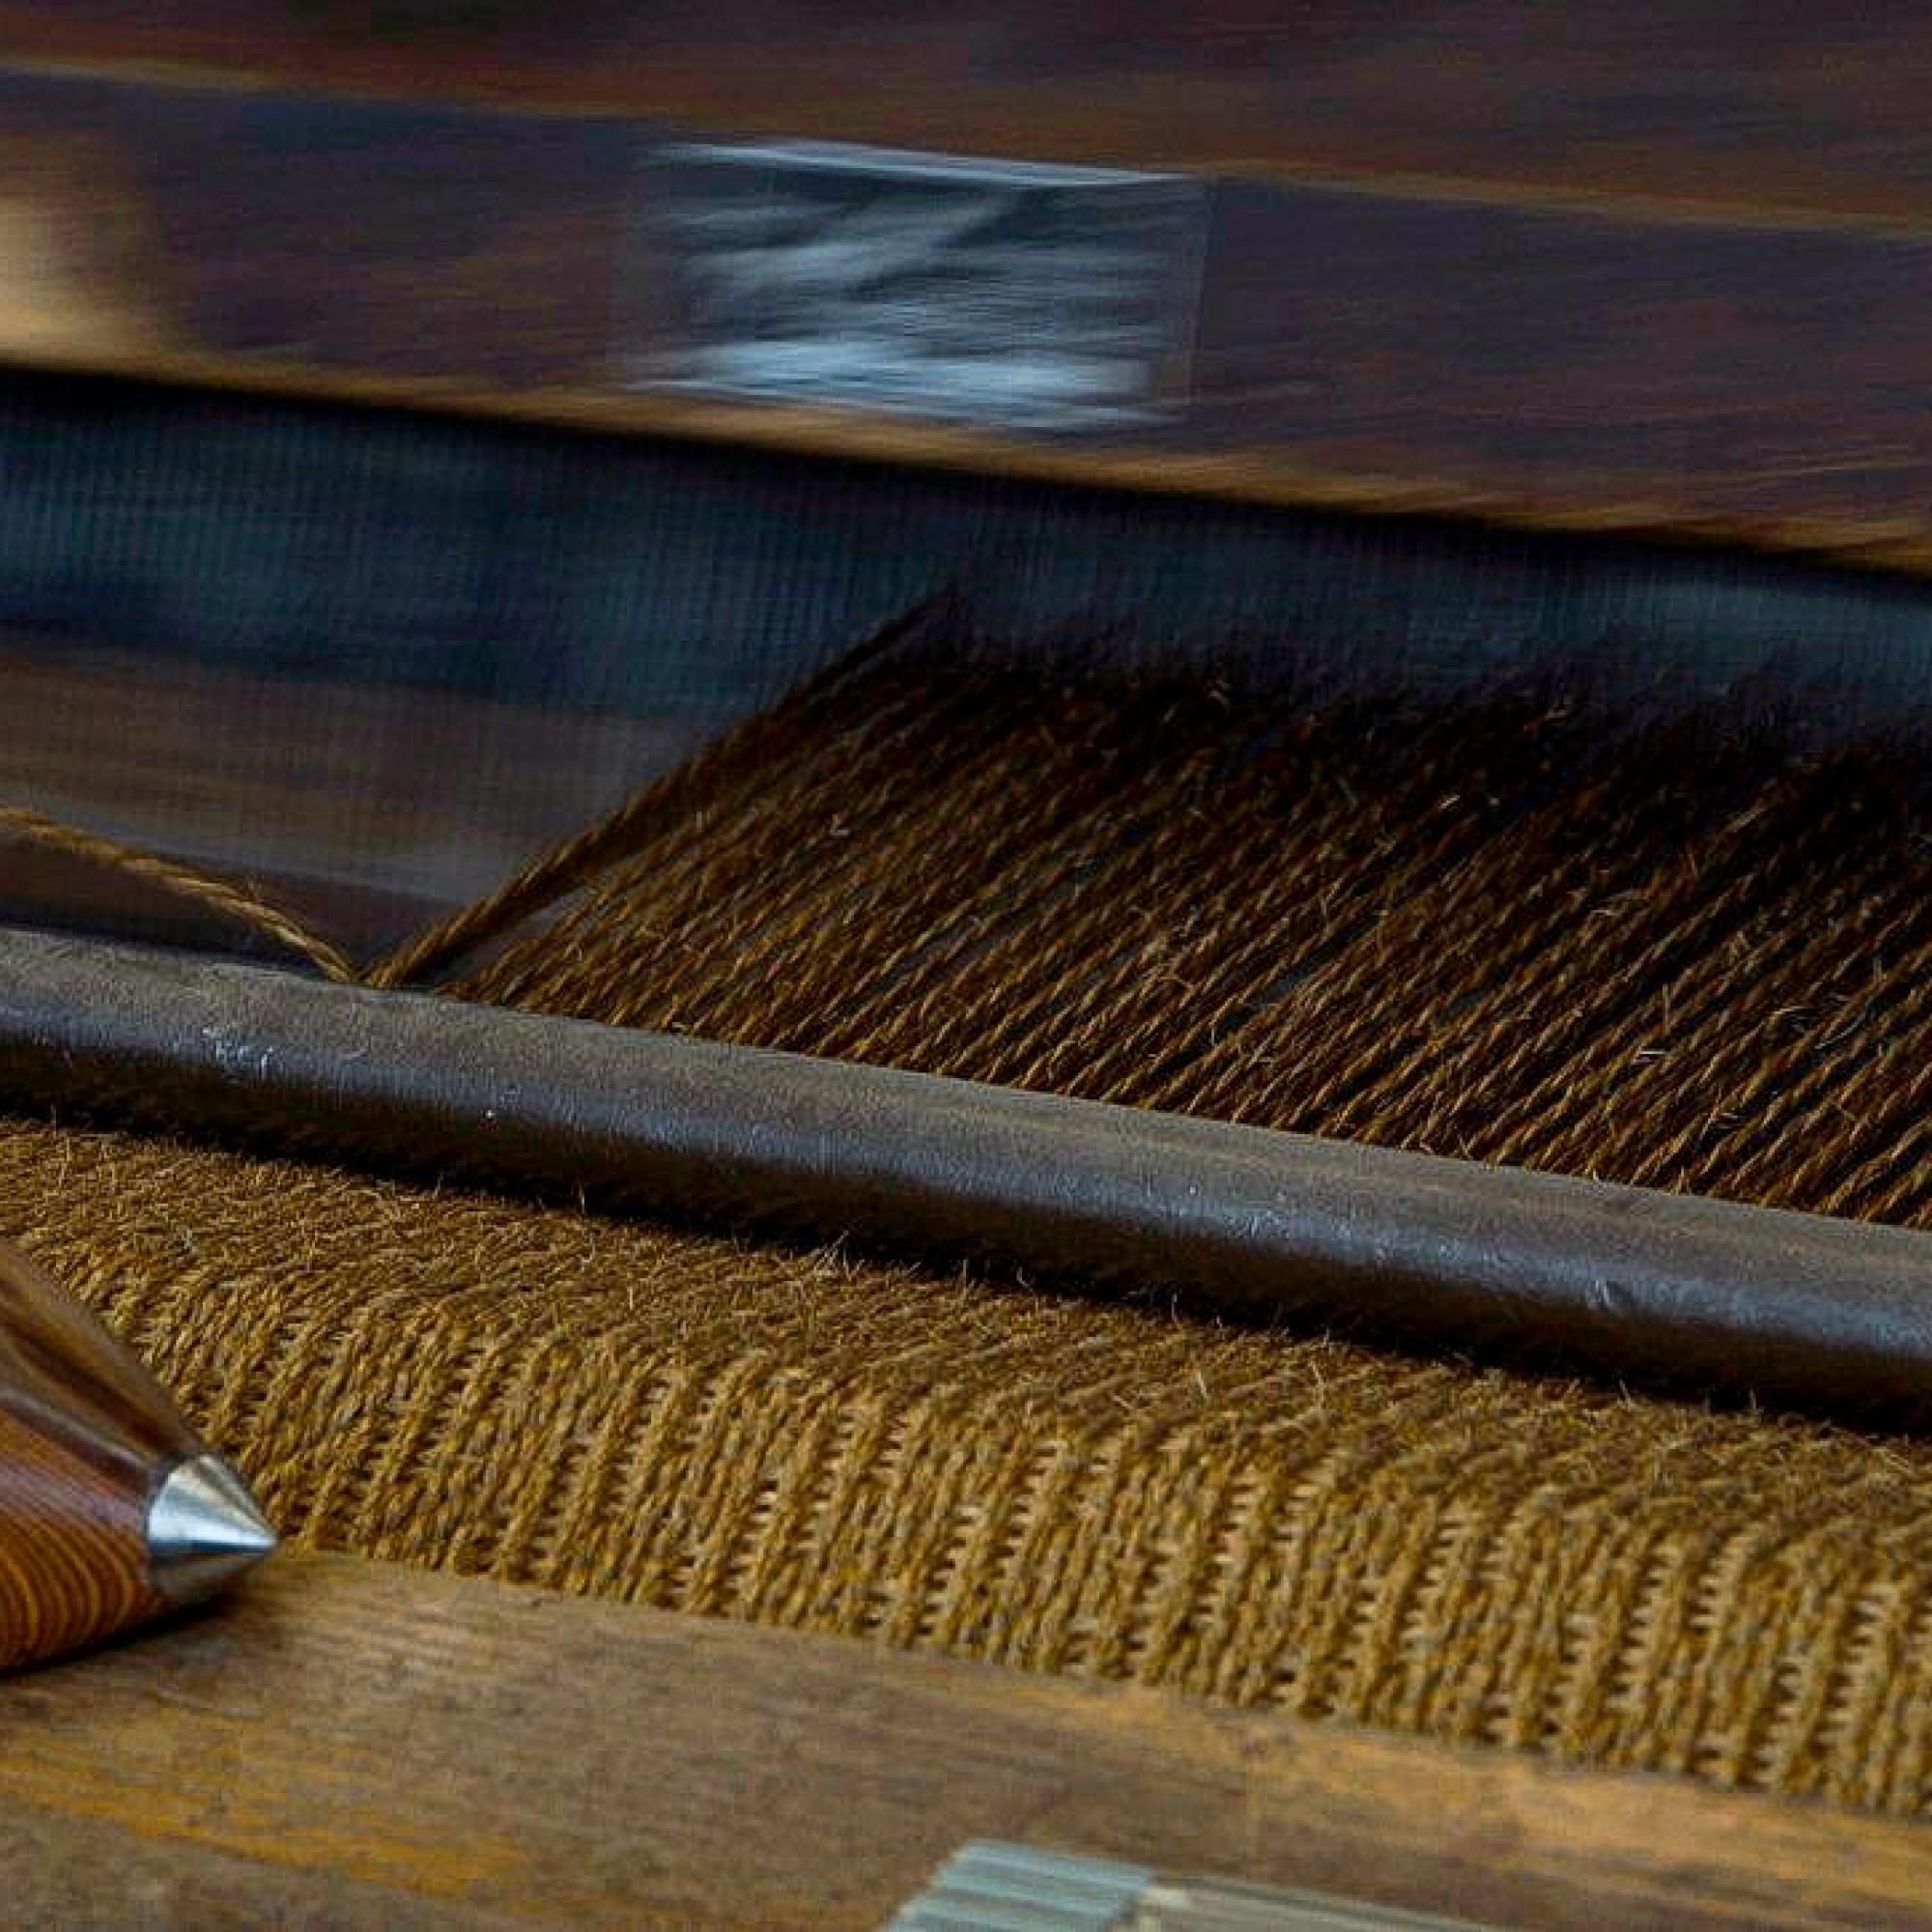 Der Sisal wird auf dem Webstuhl zu Matten und Teppichen verarbeitet.